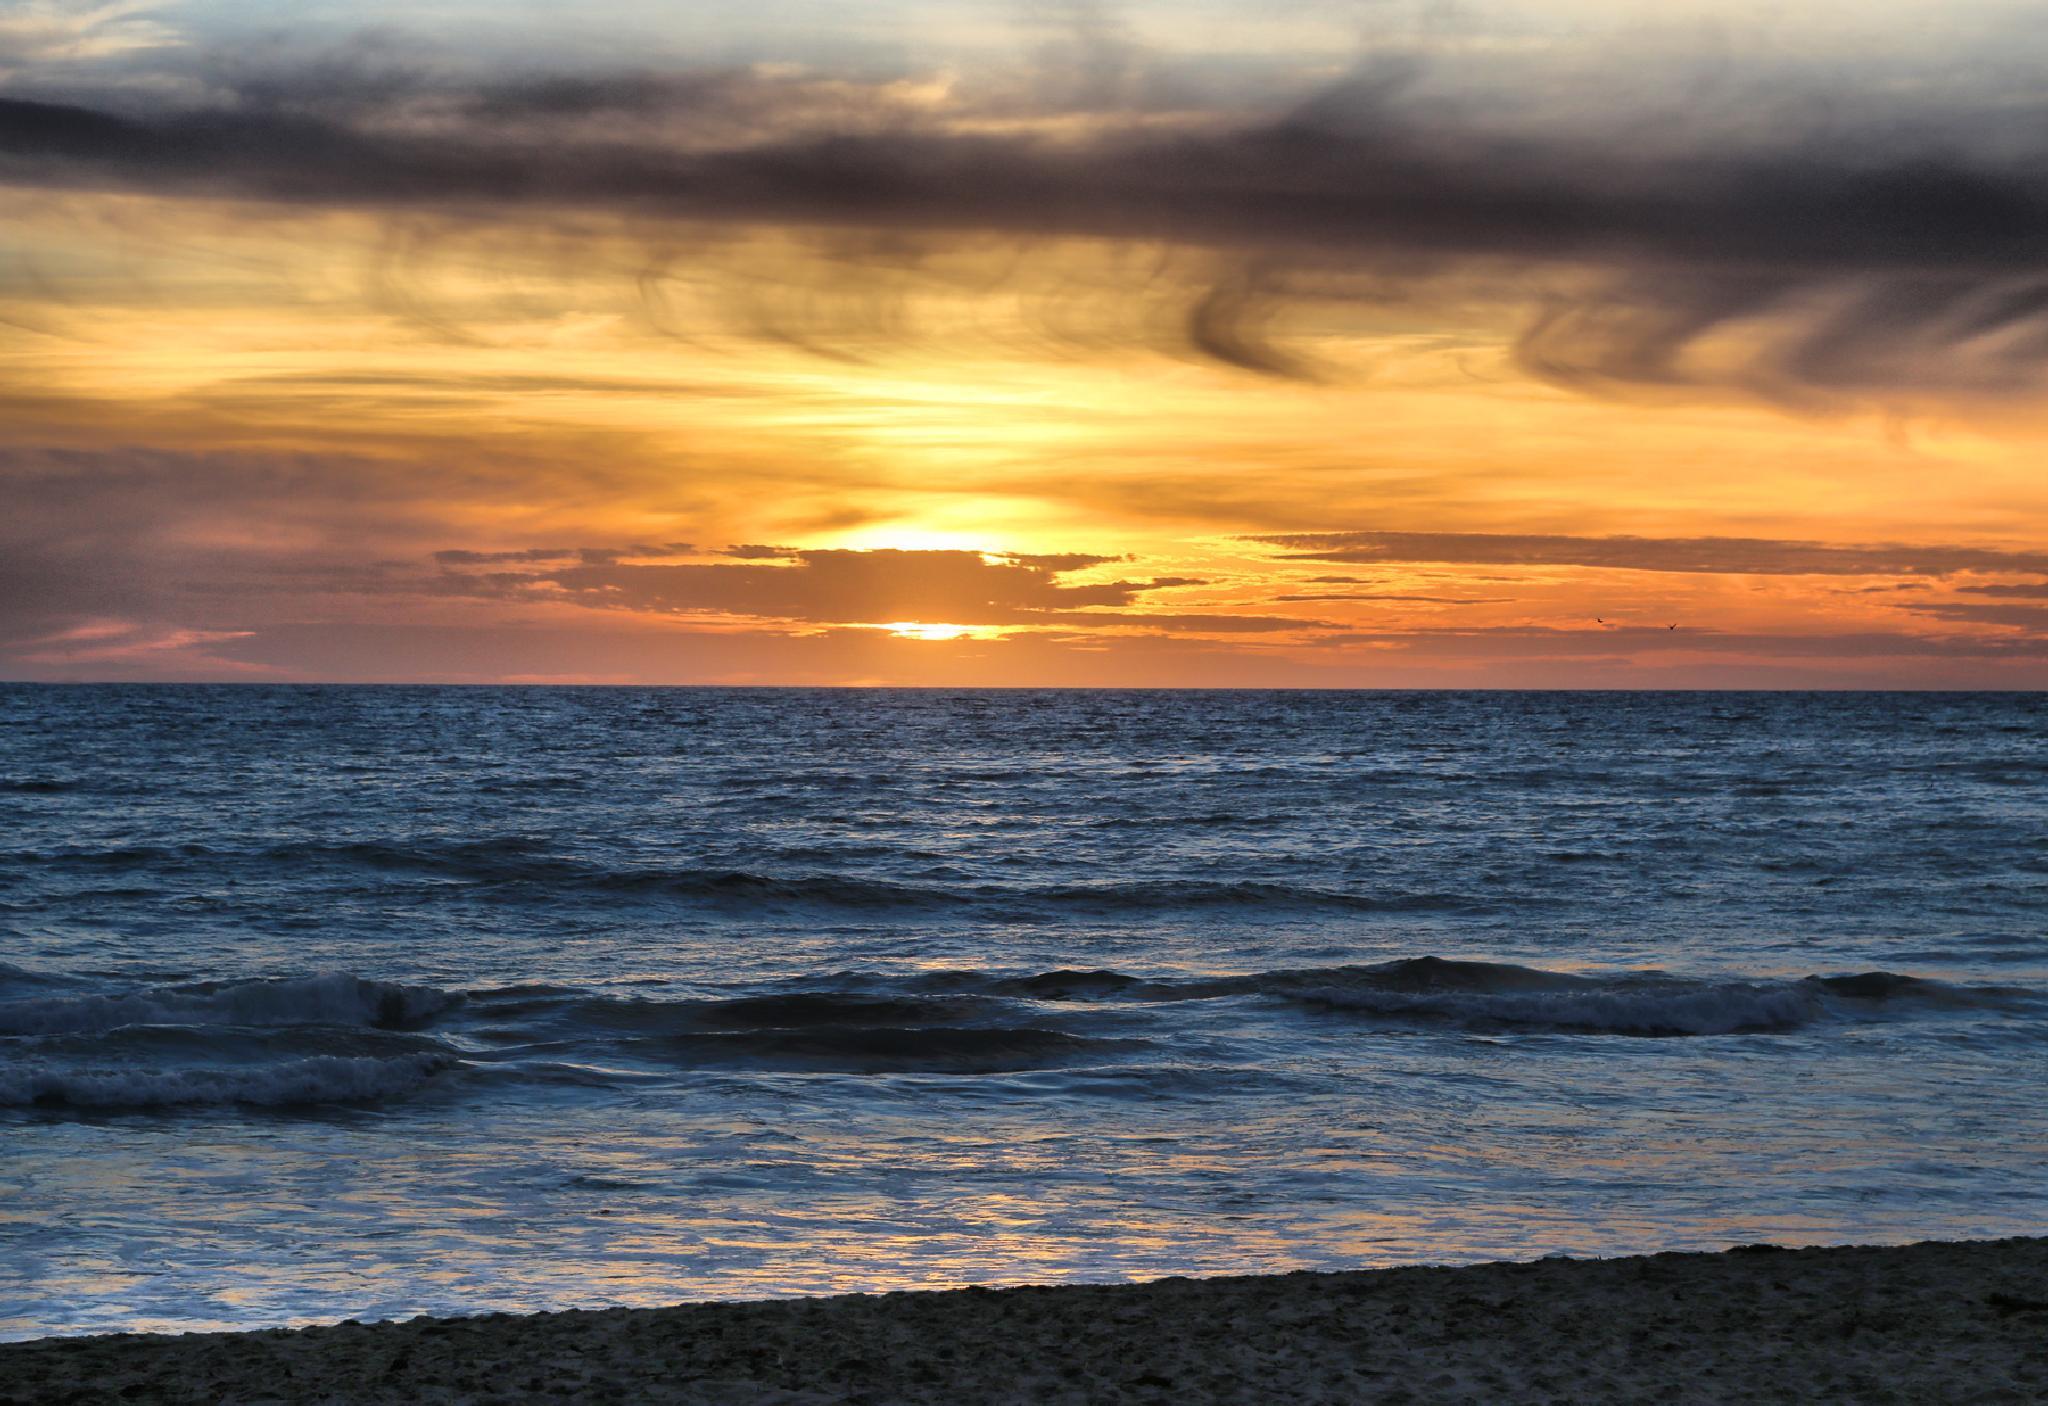 sunset by Linda Ruiz